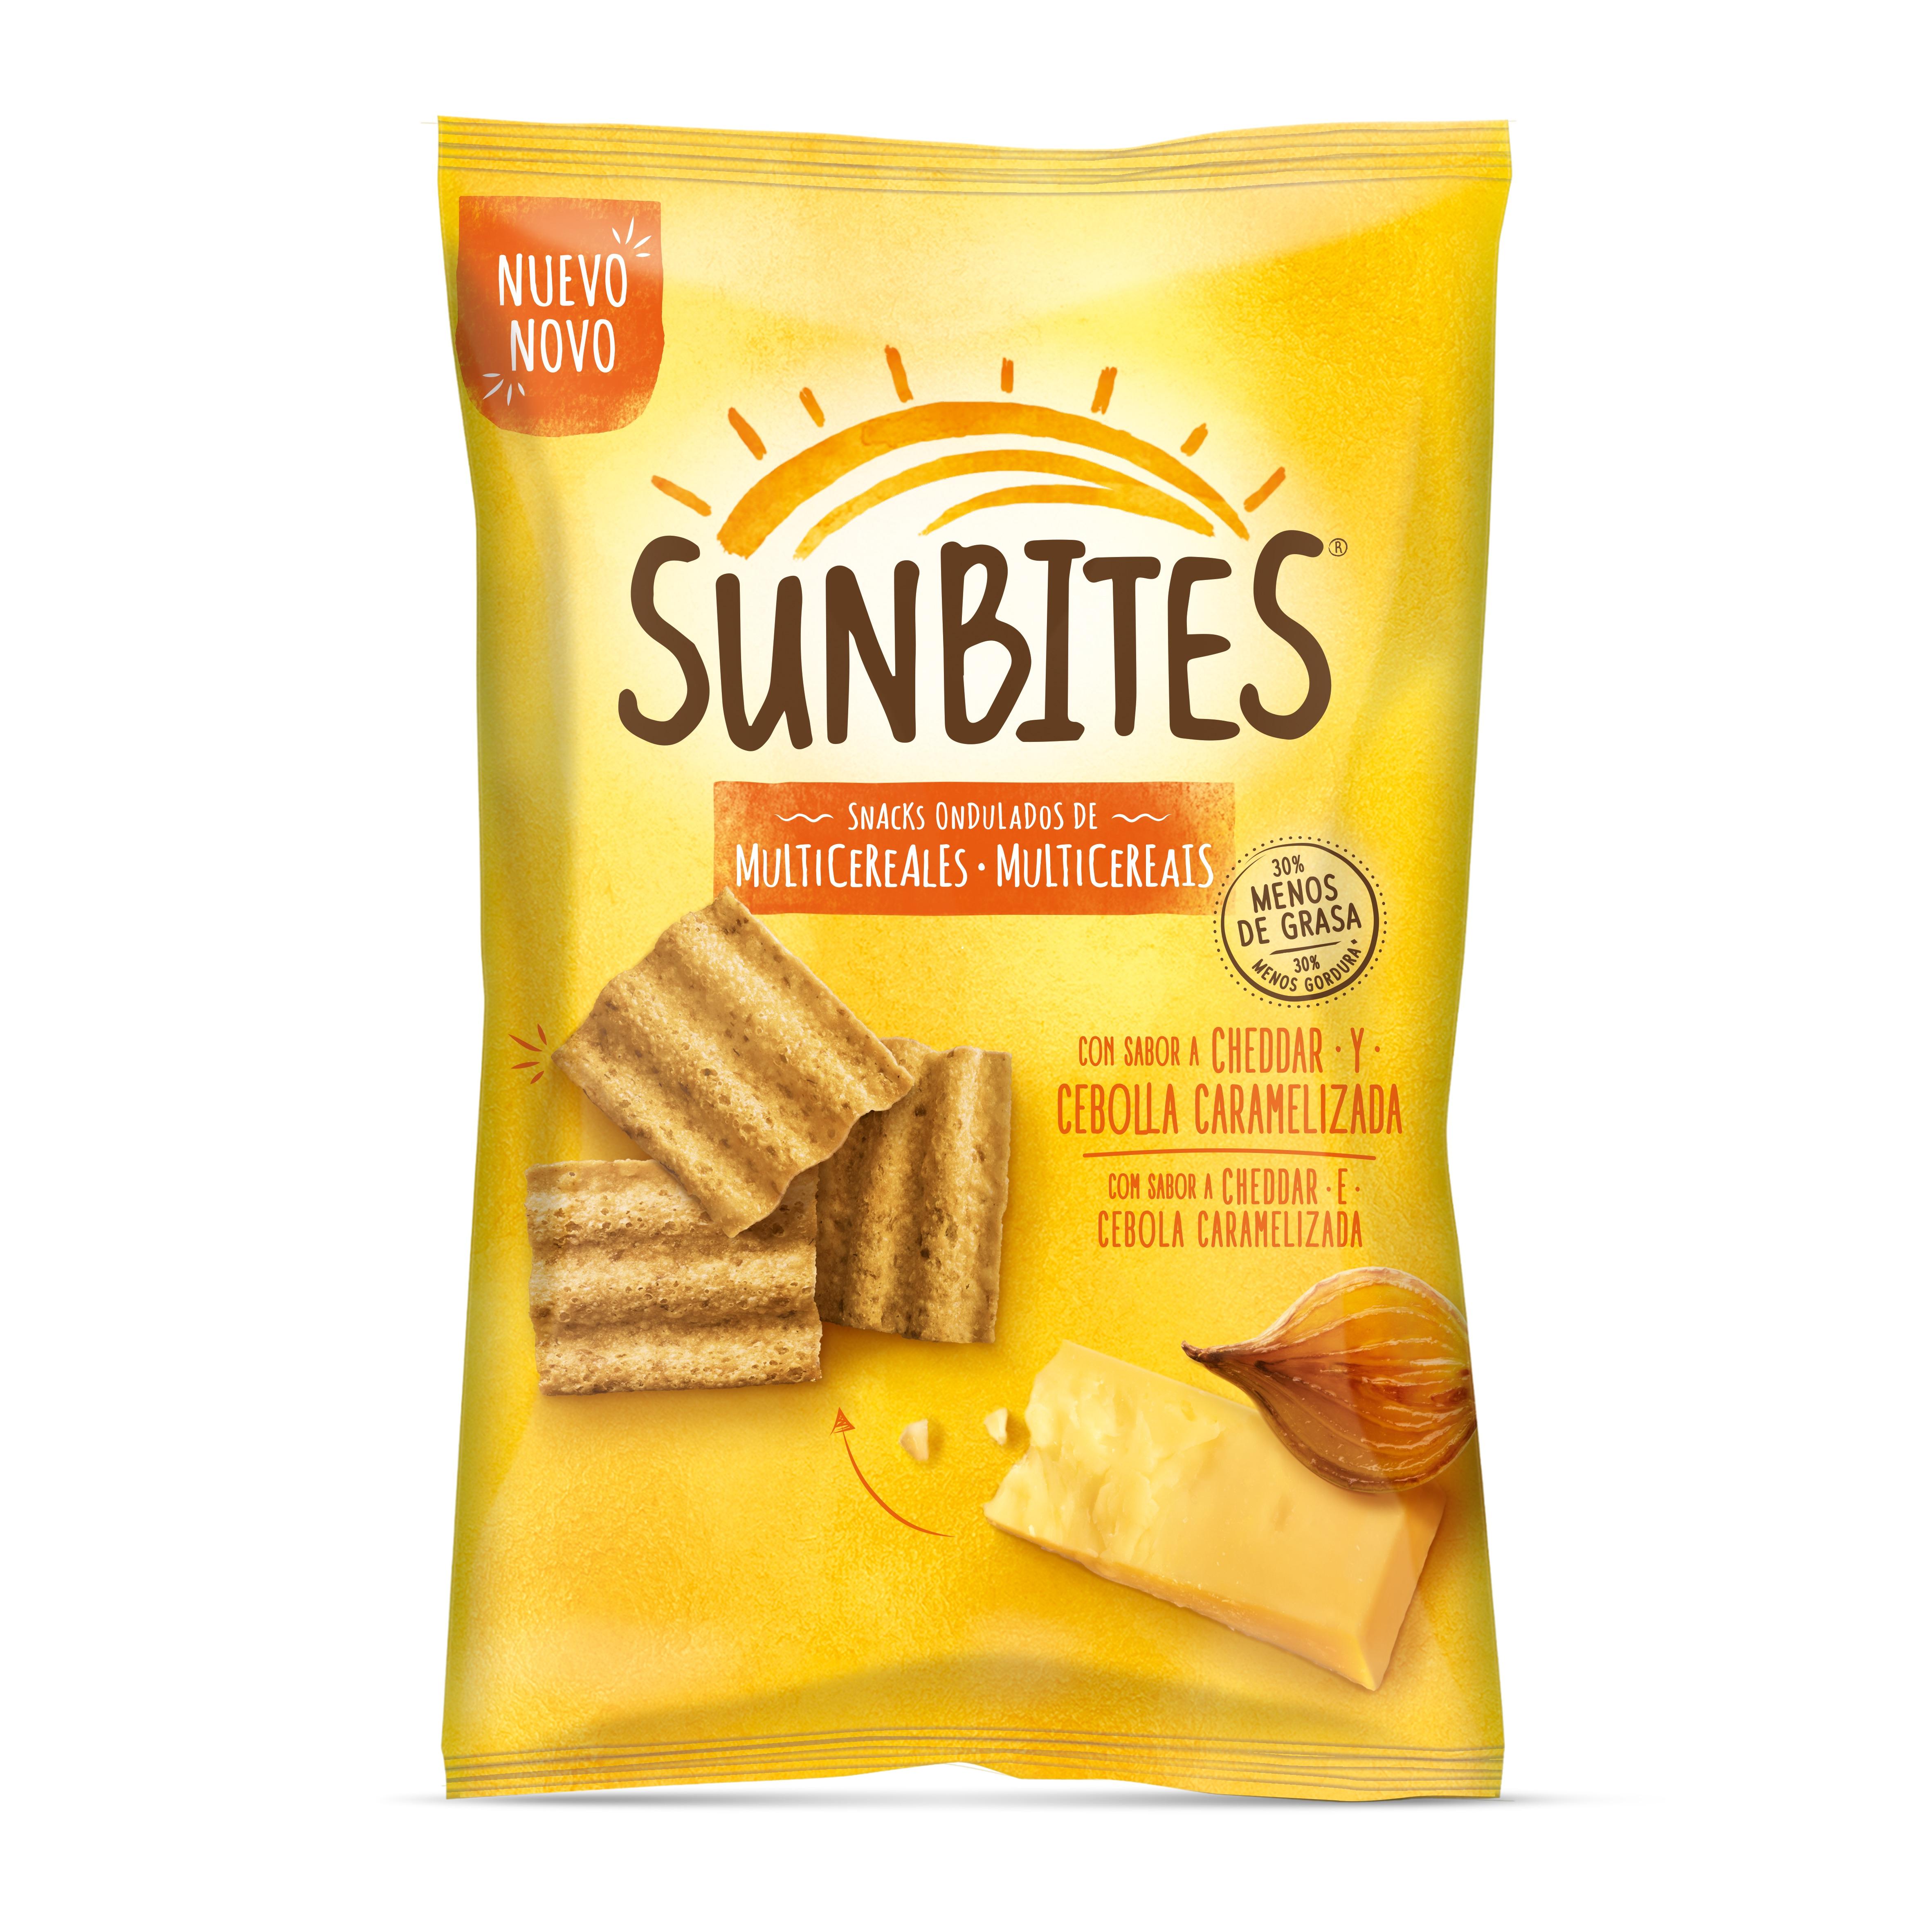 Sunbites Cheddar & Cebola 95g